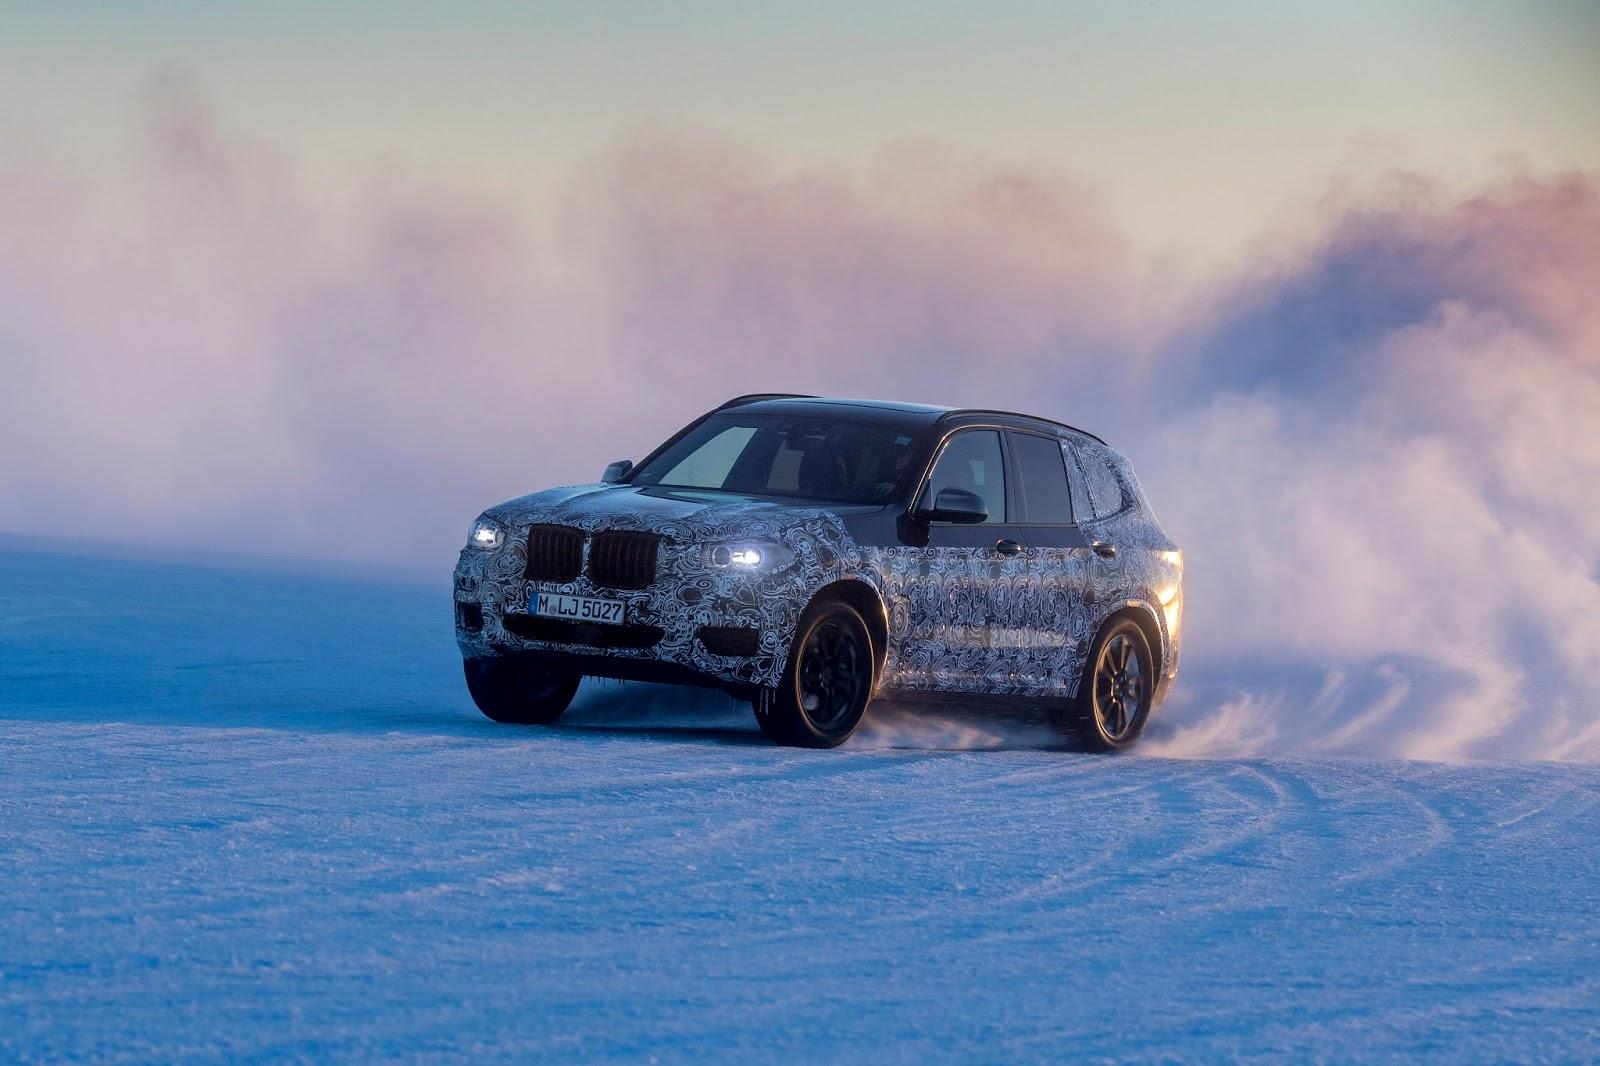 P90249817 highRes the new bmw x3 under Δοκιμές στην παγωμένη Βόρεια Σουηδία, για την επερχόμενη BMW X3 BMW, BMW X, BMW X3, SUV, videos